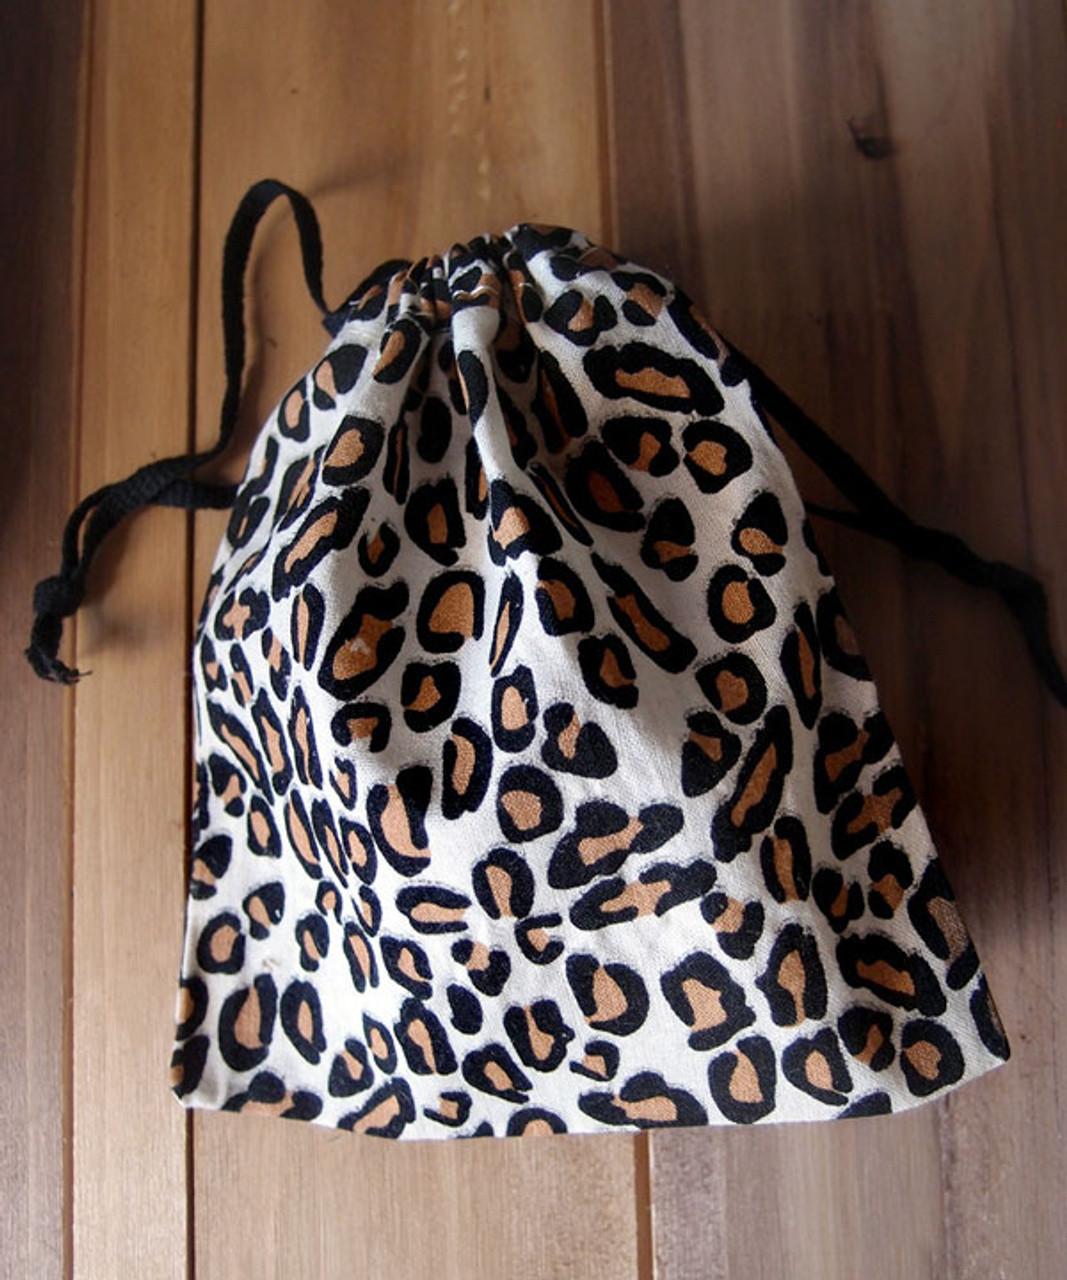 Leopard Print Cotton Bag (3 sizes)